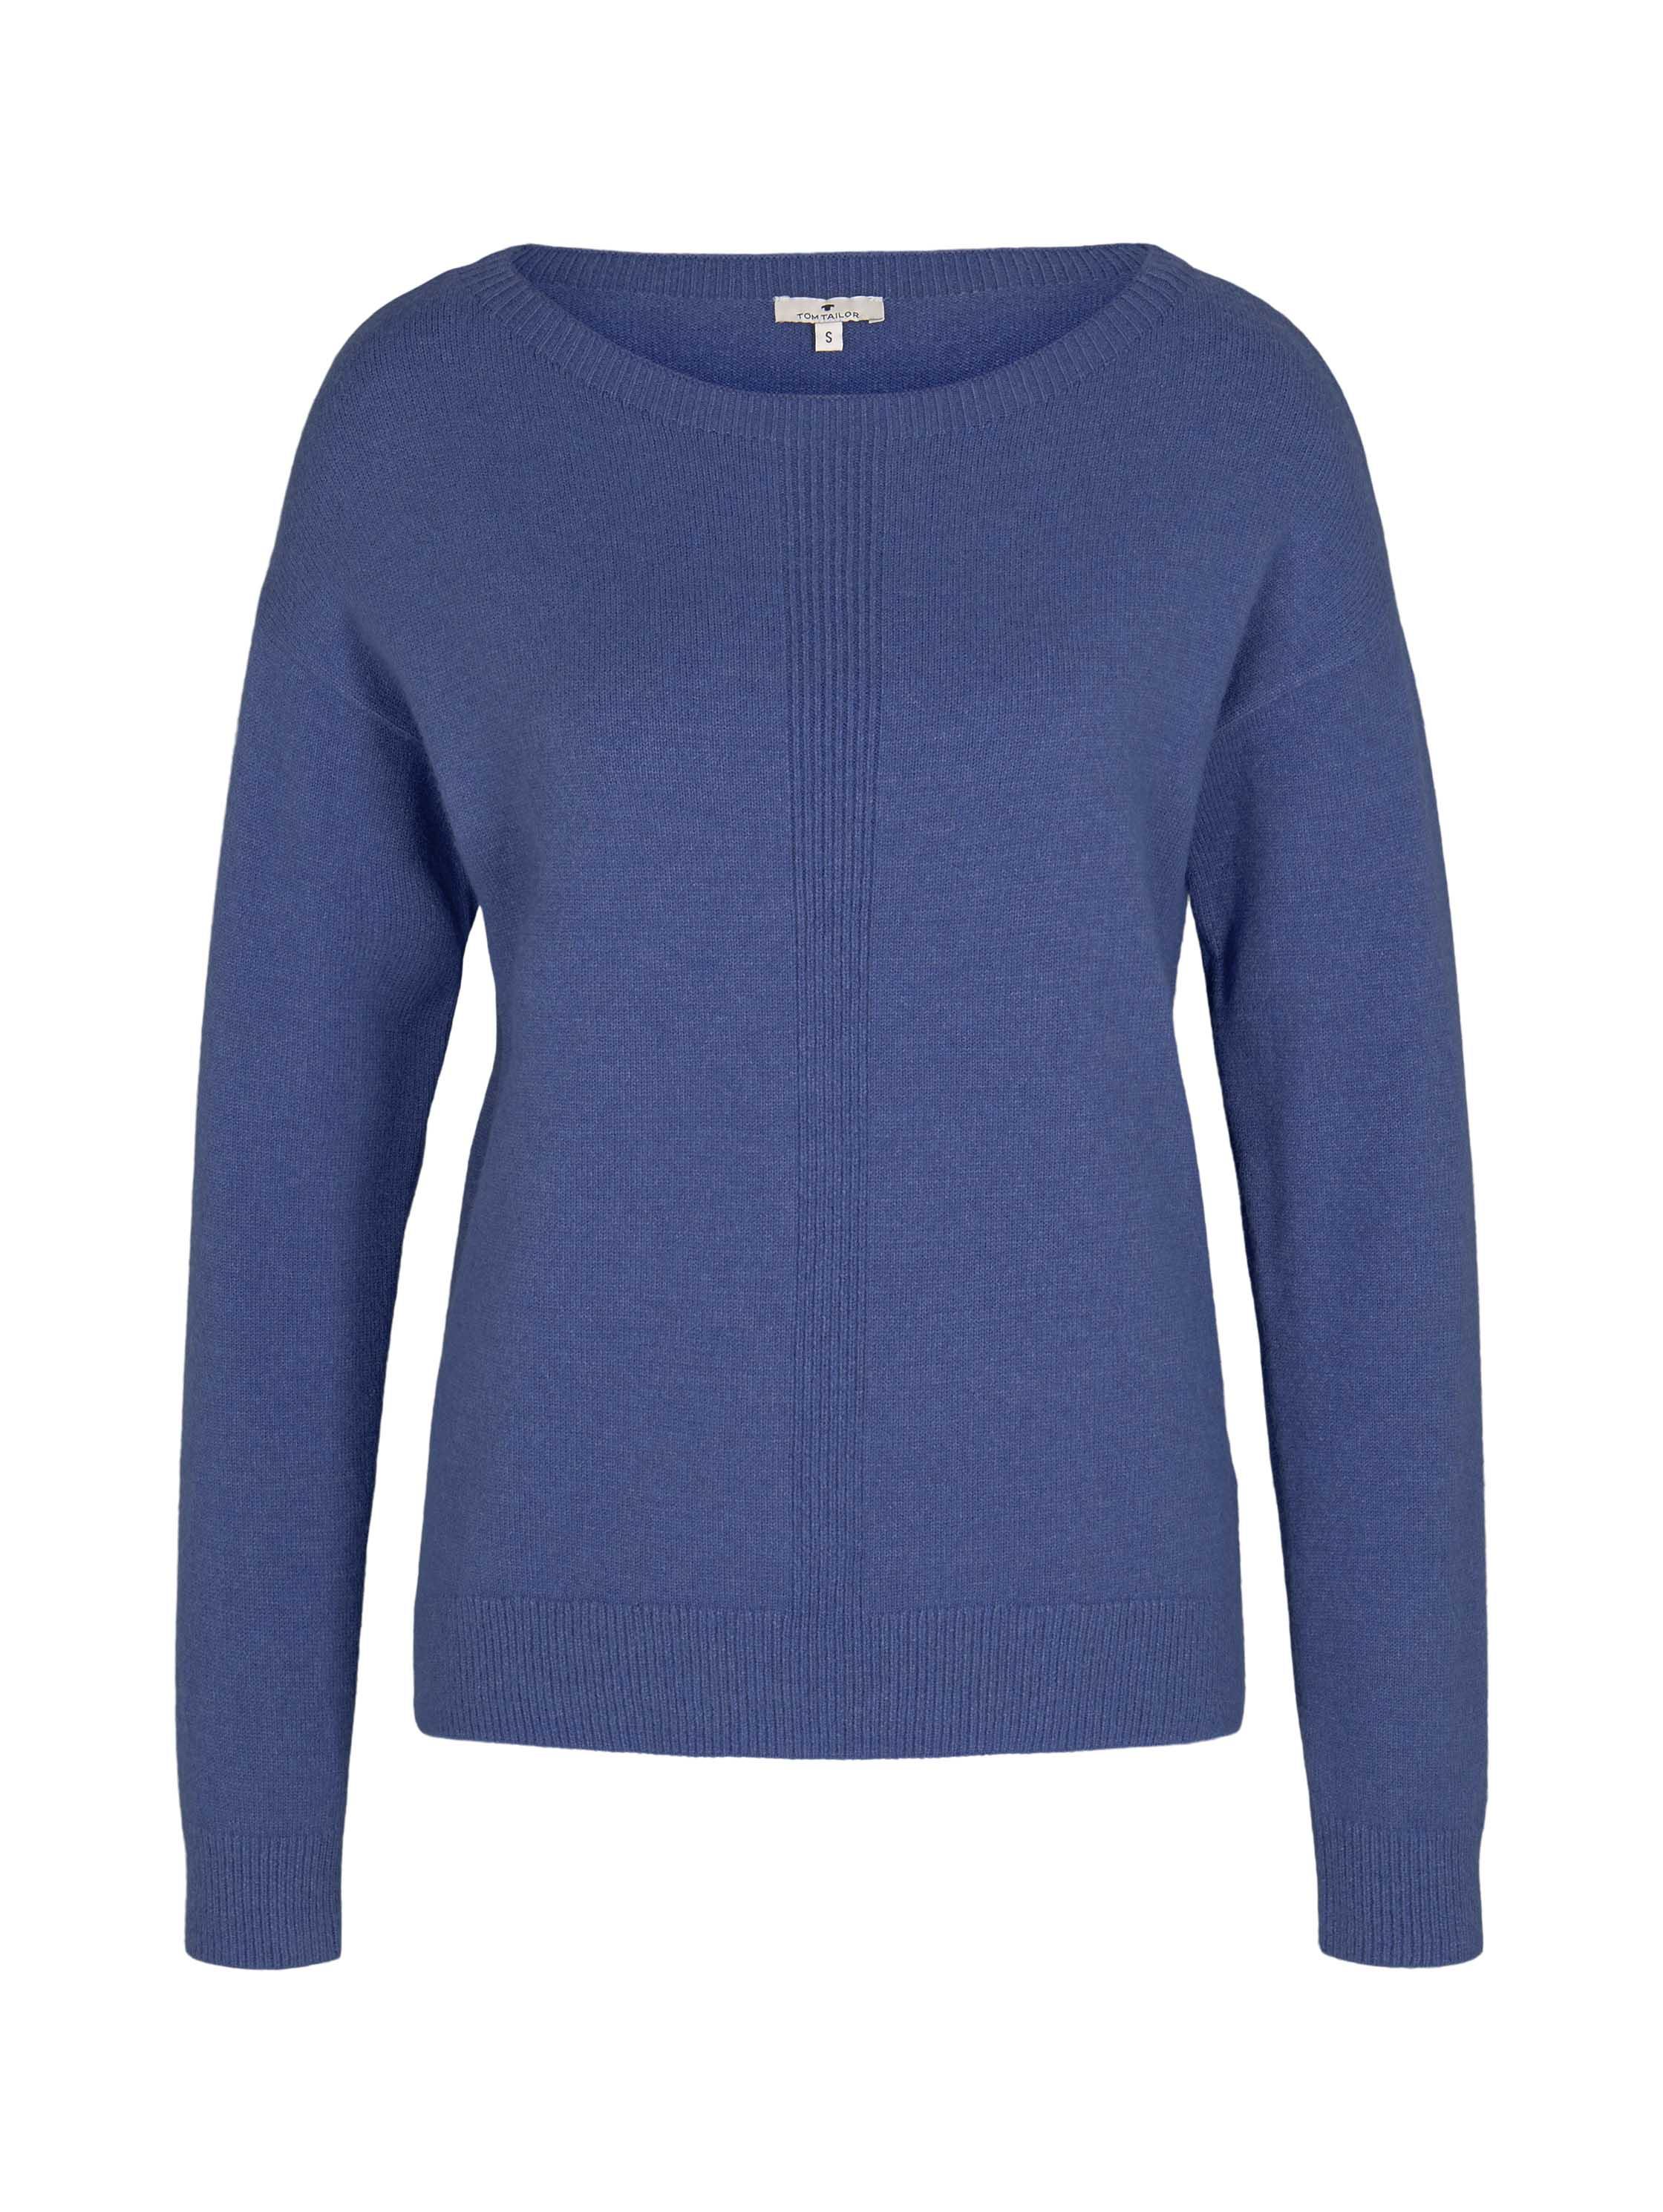 pullover with boatneck, blueberry blue melange